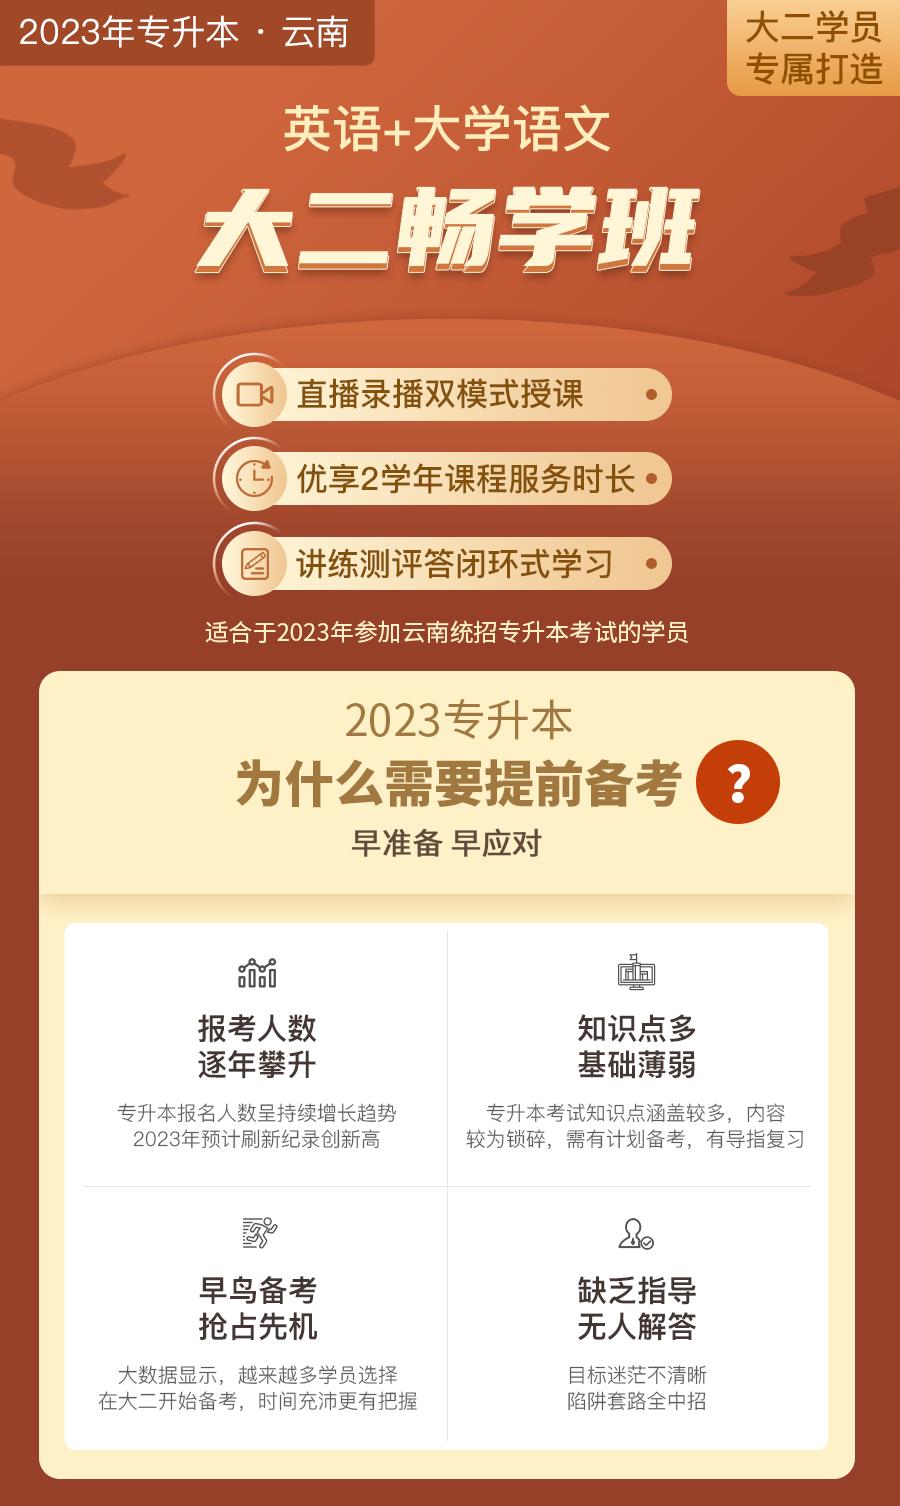 大二畅学班-云南-英语+大学语文_01.png